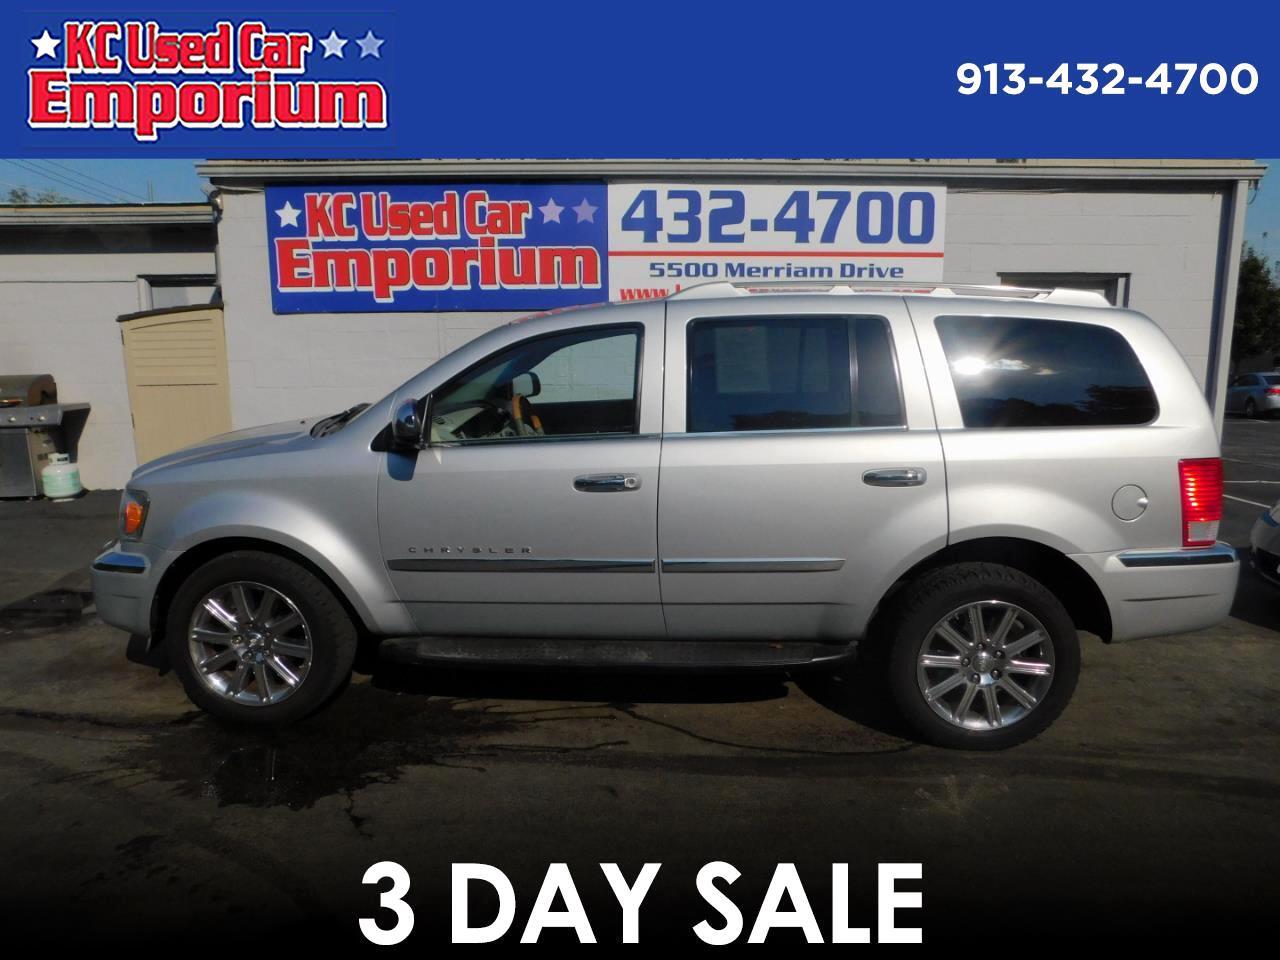 2007 Chrysler Aspen 4WD 4dr Limited